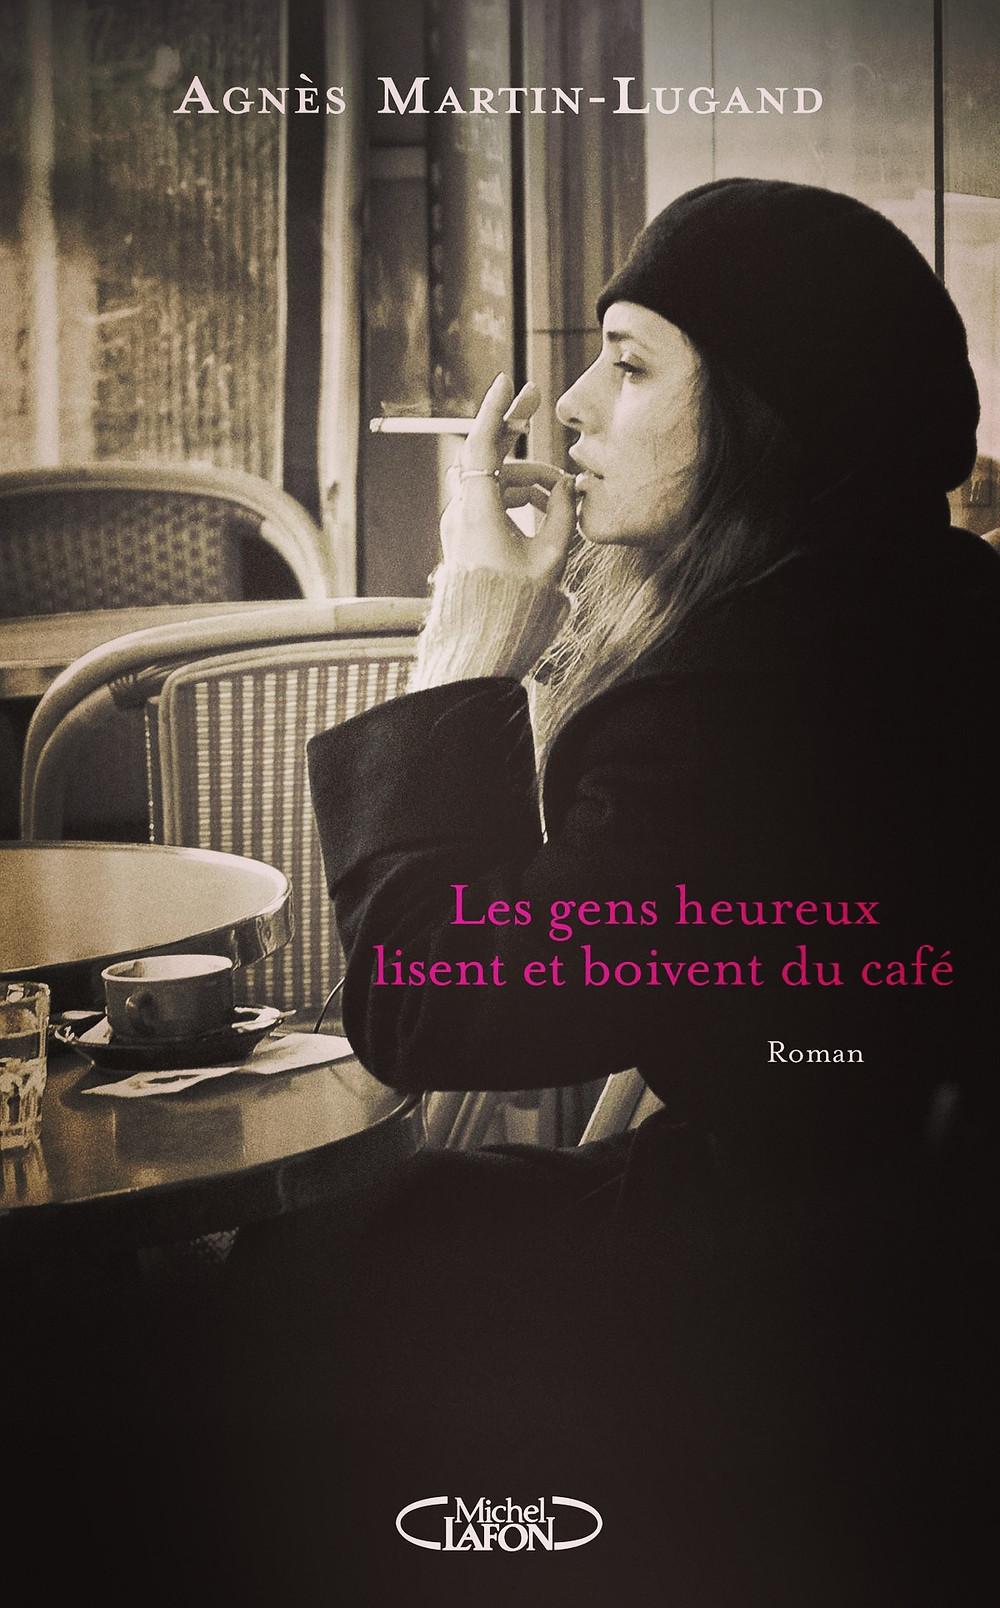 Roman «Les gens heureux lisent et boivent du café» d'Agnès Martin-Lugand